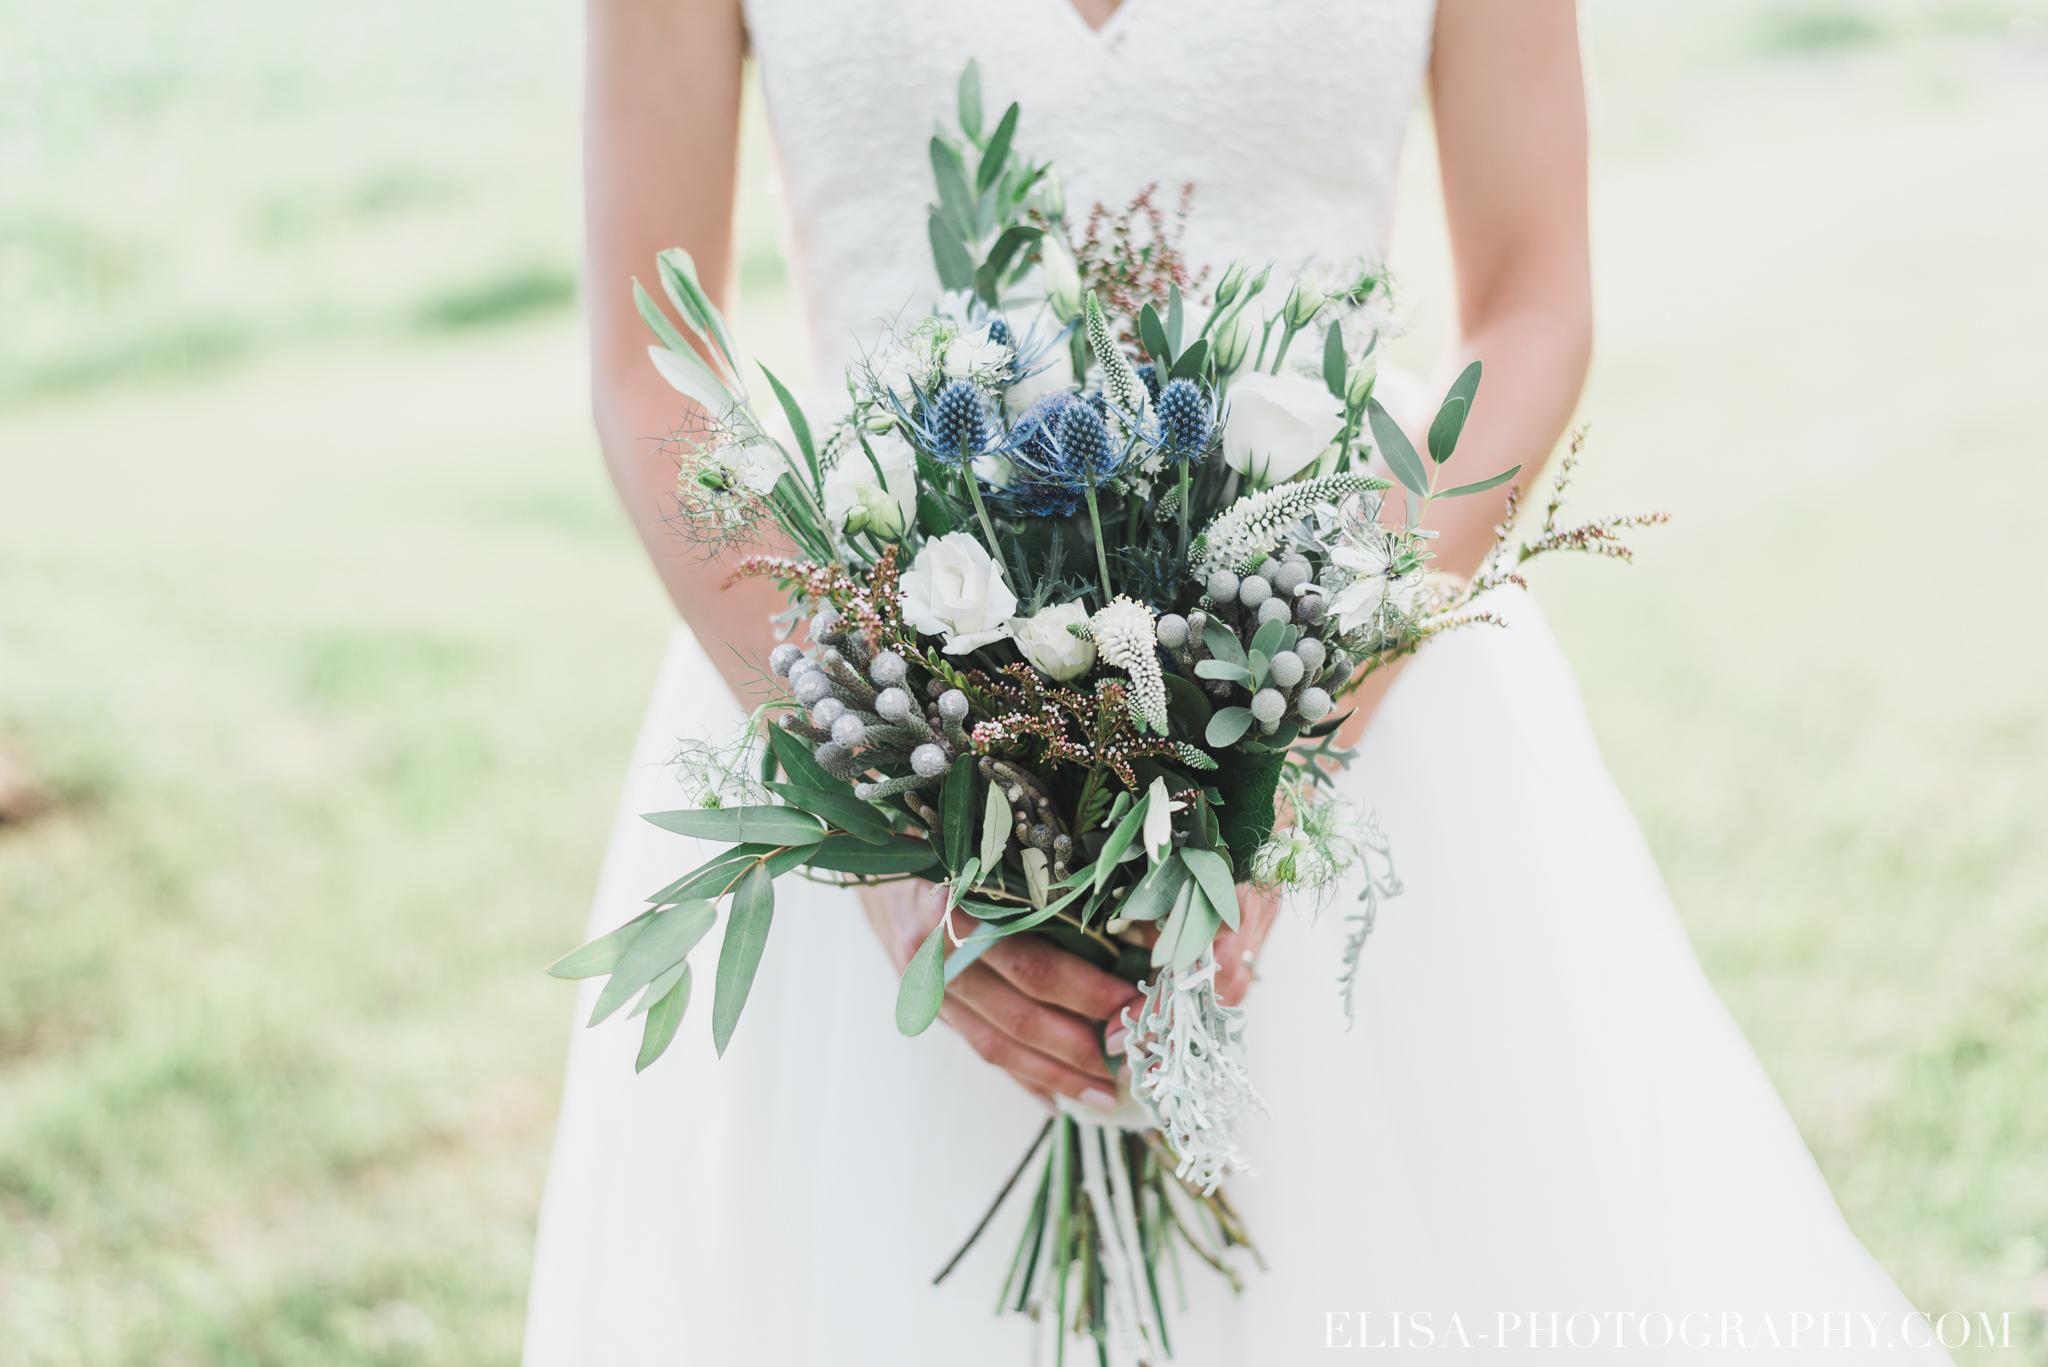 photo mariage bouquet fleurs bleues mariée vieux presbytère batiscan 3275 - Galerie photos de mariage